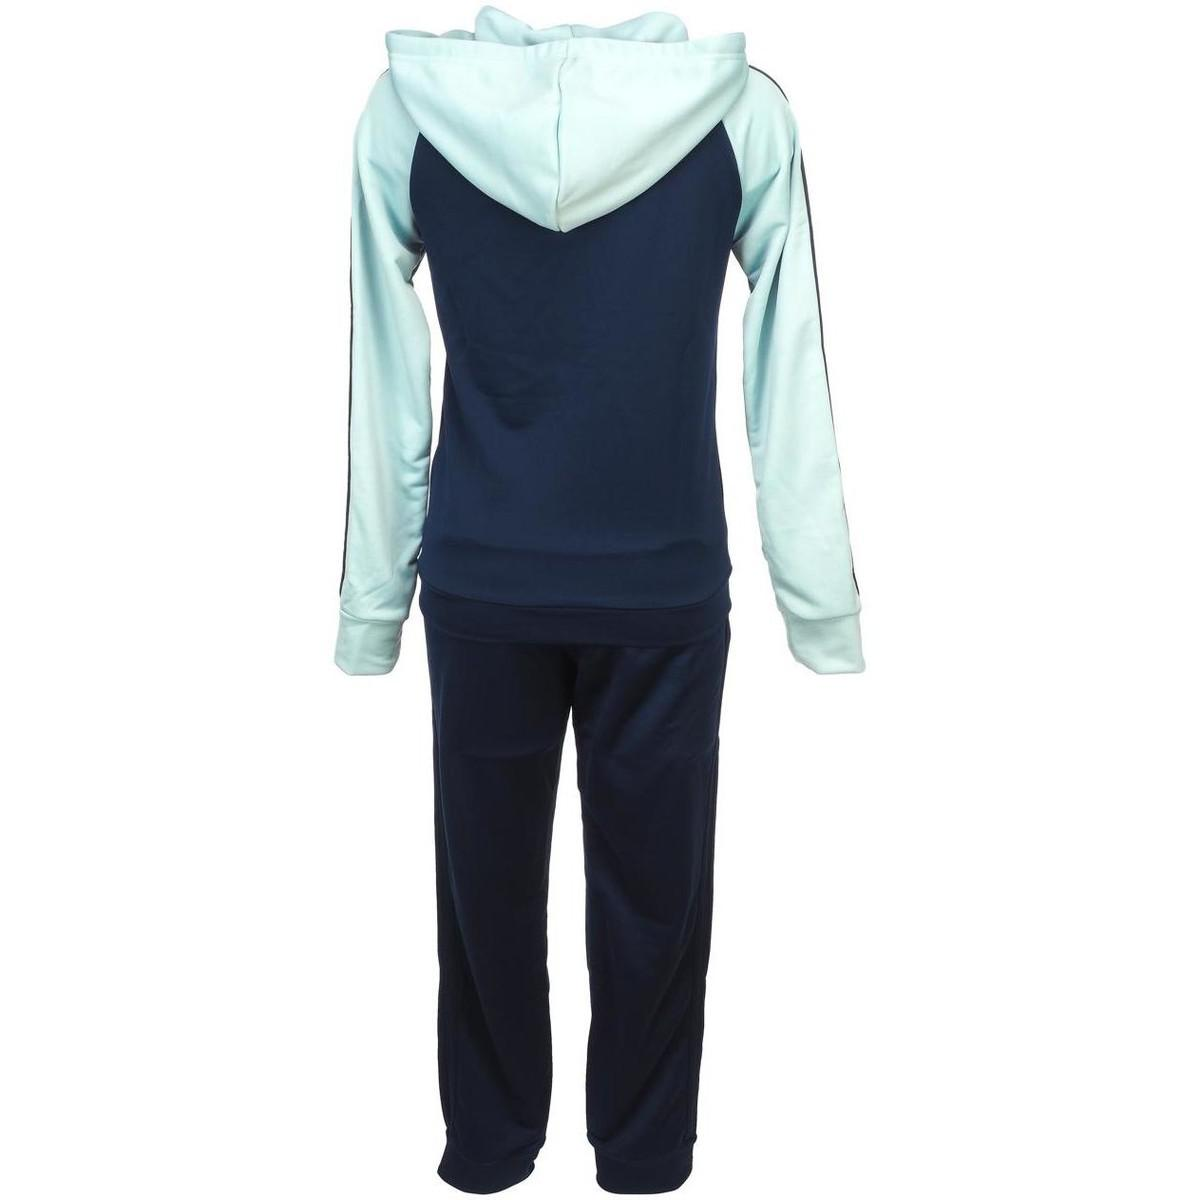 f7cee5153ad Adidas - Blue Refocus ensemble femmes Ensembles de survêtement en bleu -  Lyst. Afficher en plein écran